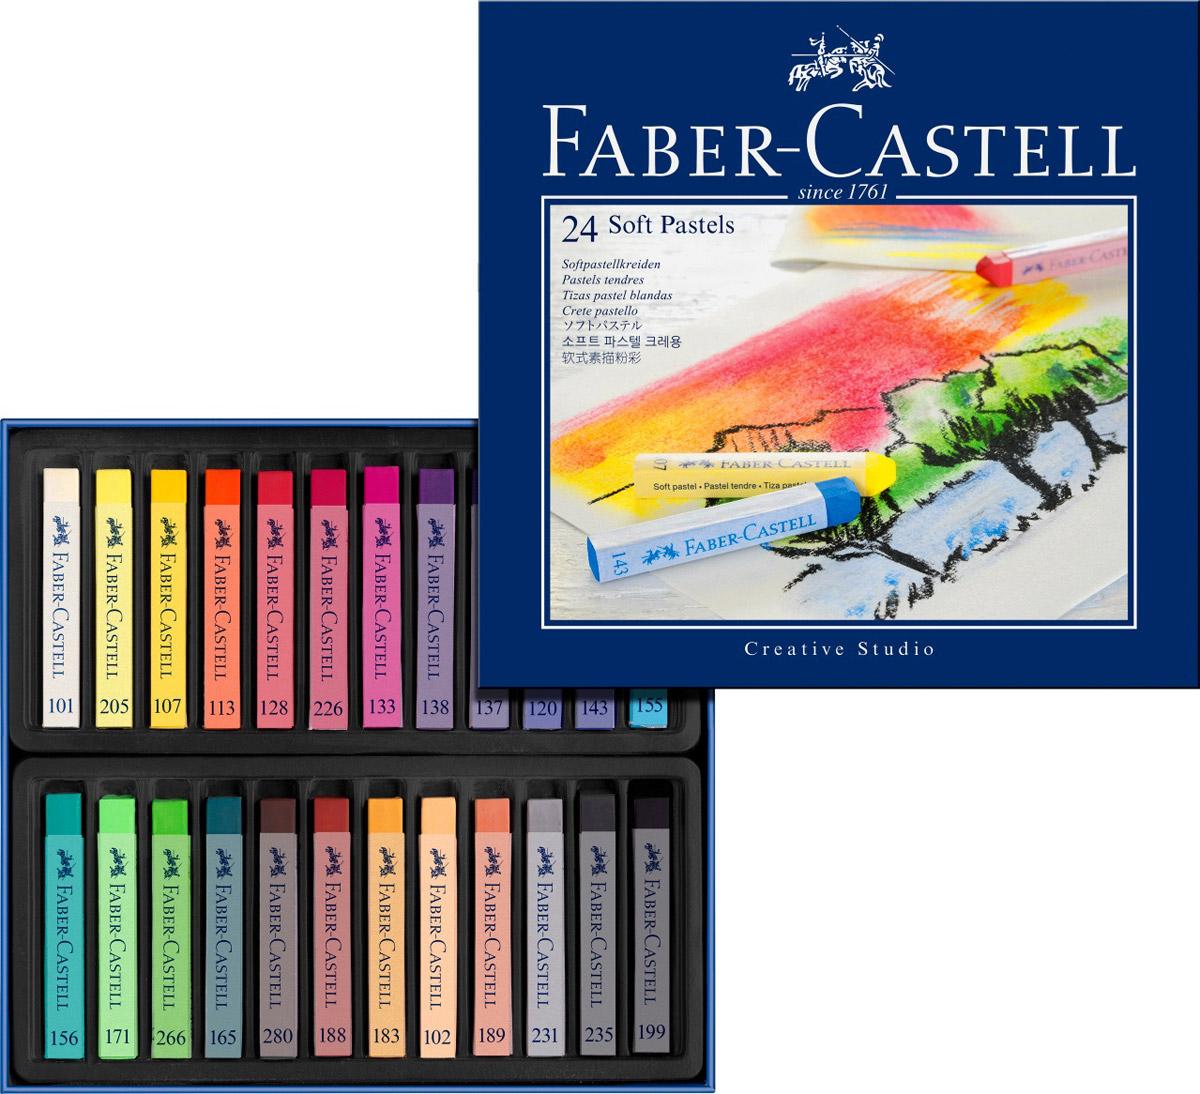 Мягкие мелки Faber-Castell Studio Quality Soft Pastels, 24 штFS-00897Набор Faber-Castell Studio Quality Soft Pastels содержит мягкие мелки квадратной формы 24 ярких насыщенных цветов. Каждый мелок обернут в бумажную гильзу. Мелки великолепного качества не крошатся при работе, обладают отличными кроющими свойствами, обеспечивают хорошее сцепление с поверхностью, яркость и долговечность изображения. Мягкими мелками Faber-Castell Studio Quality Soft Pastels можно рисовать в любой технике, сочетая их с цветными карандашами и красками.